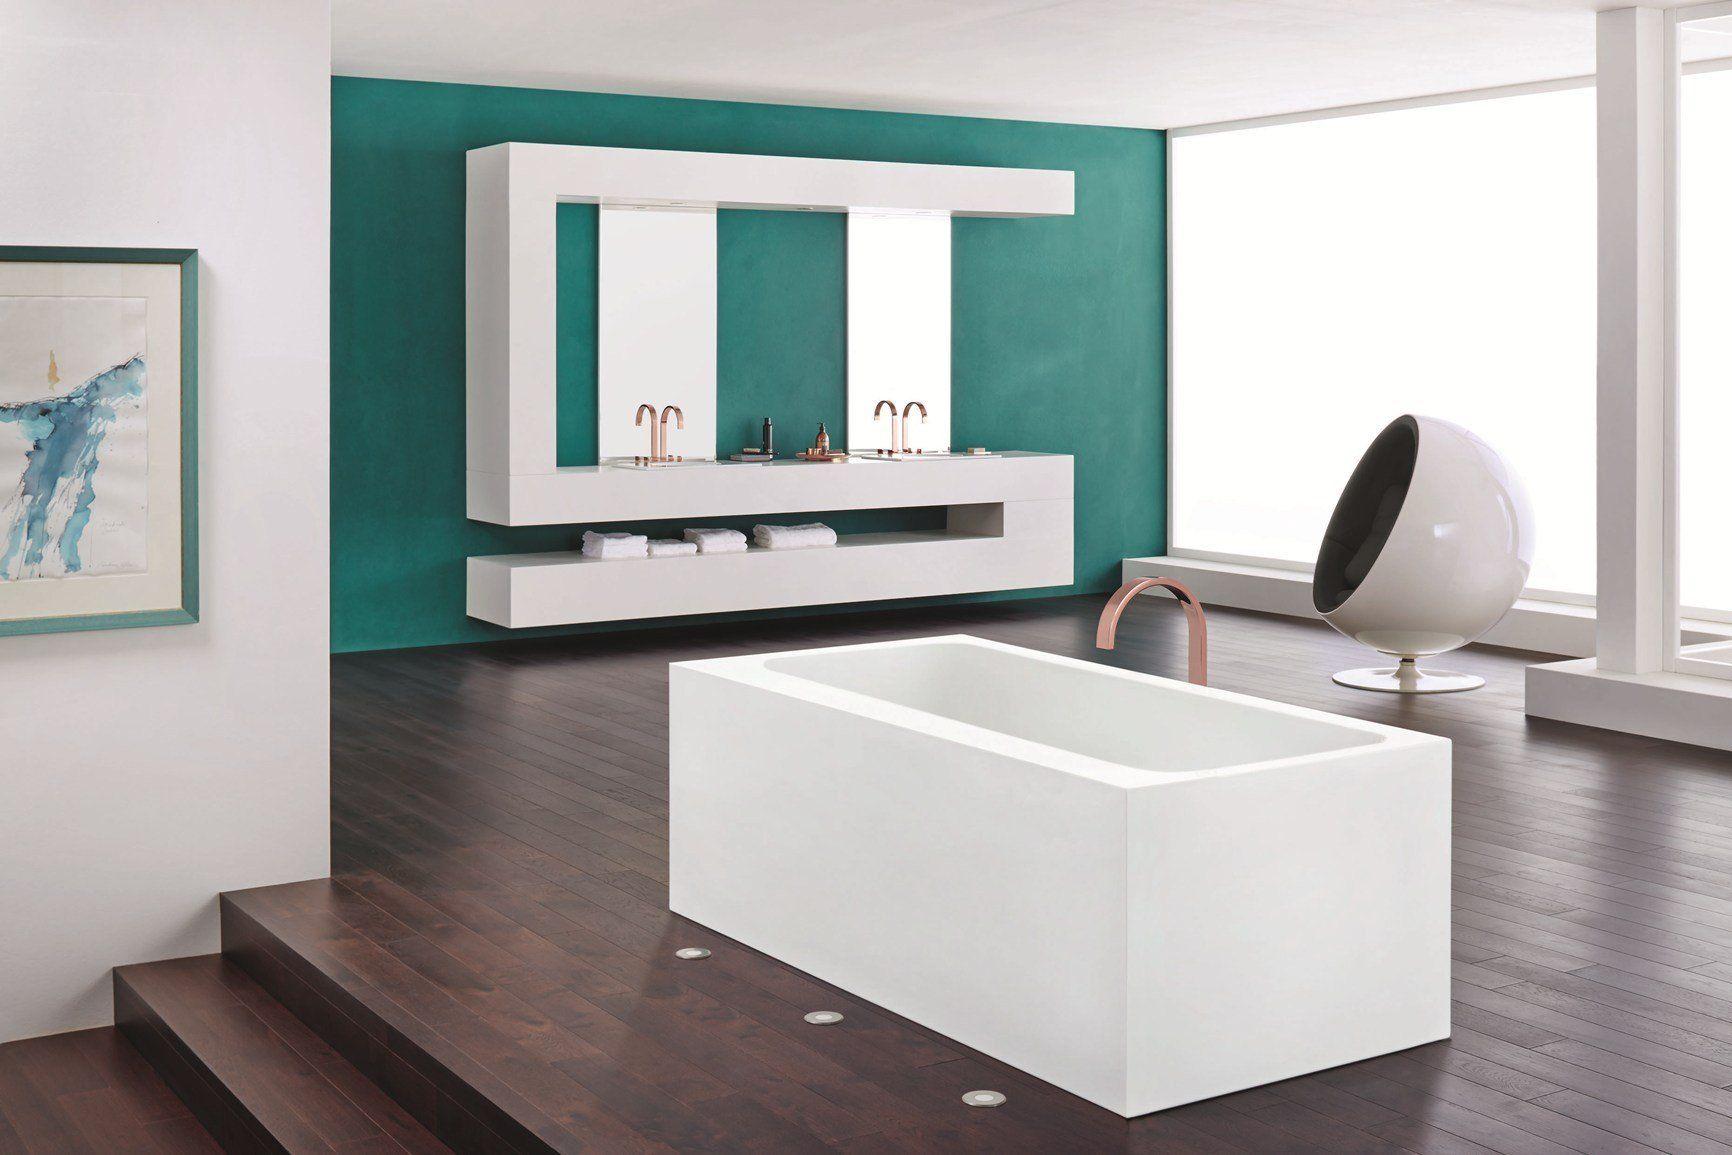 Vasca Da Bagno Filo Pavimento : Vasche da bagno e piatti doccia a filo pavimento kaldewei